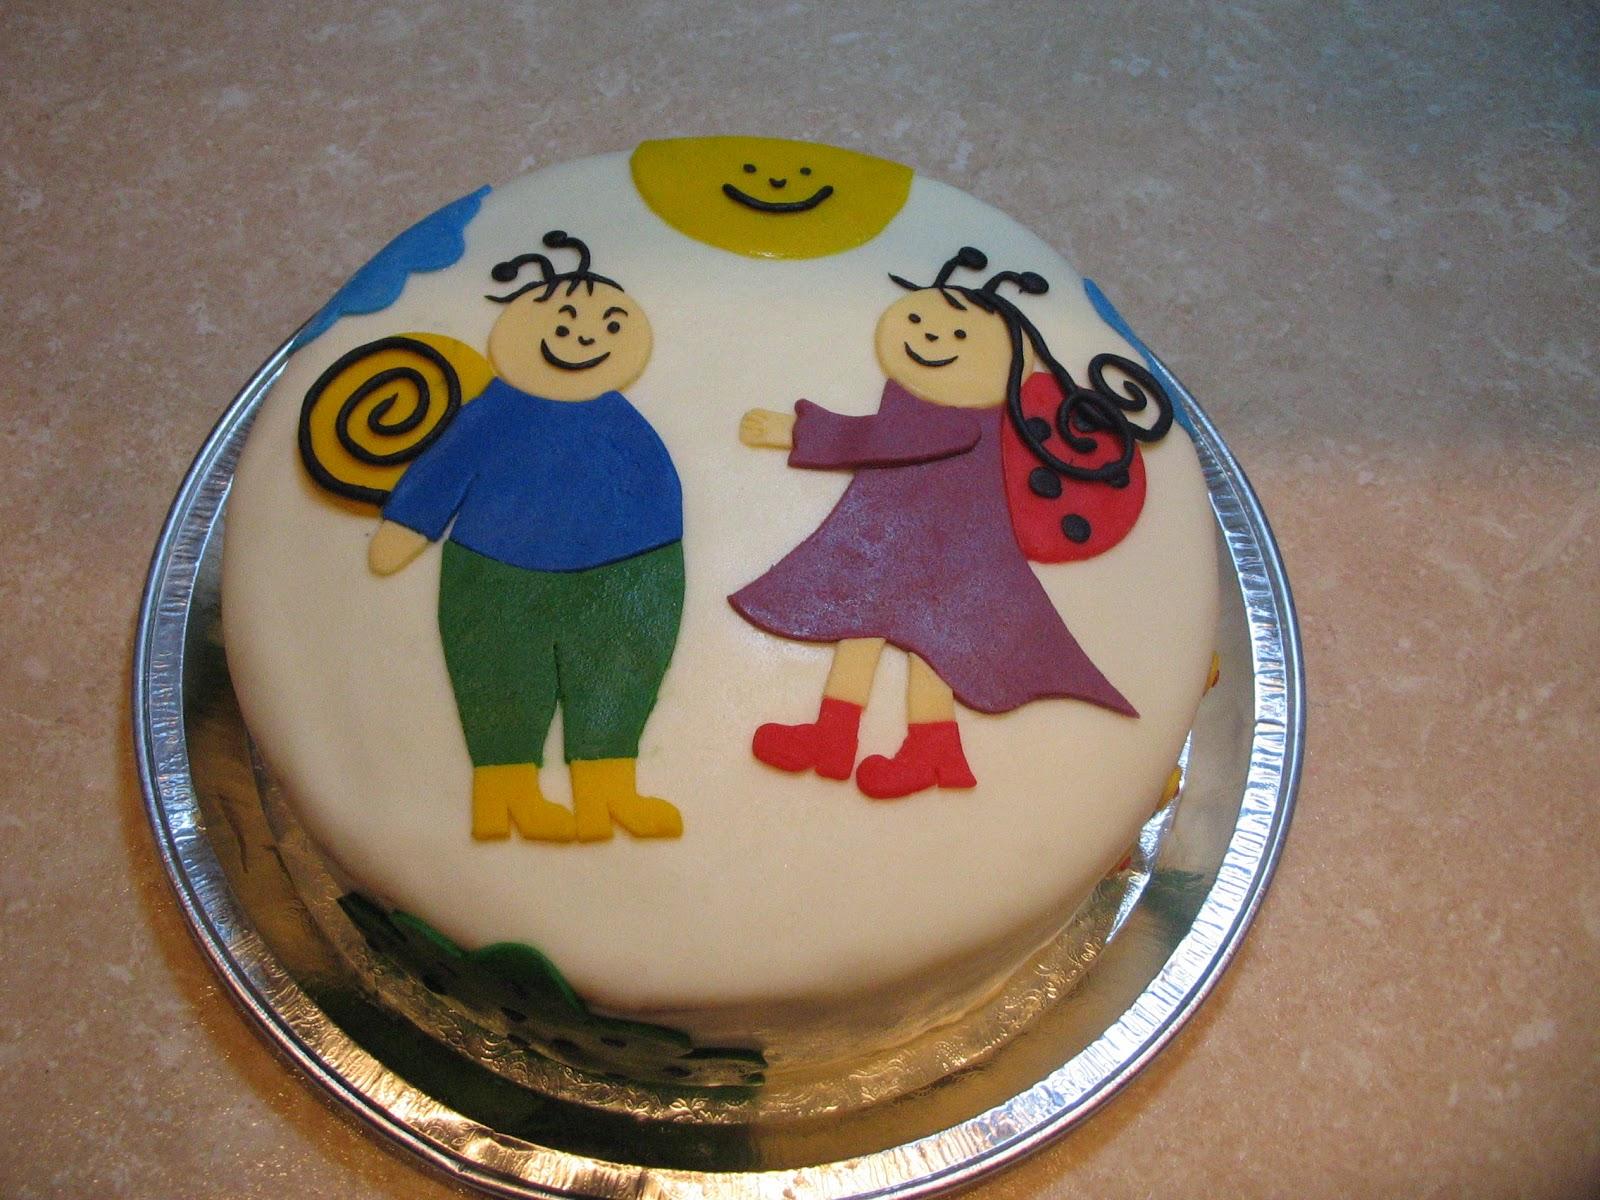 olcsó szülinapi torták Gyerekbirodalom   Hasznos dolgok a gyerekneveléshez: Szülinapi  olcsó szülinapi torták